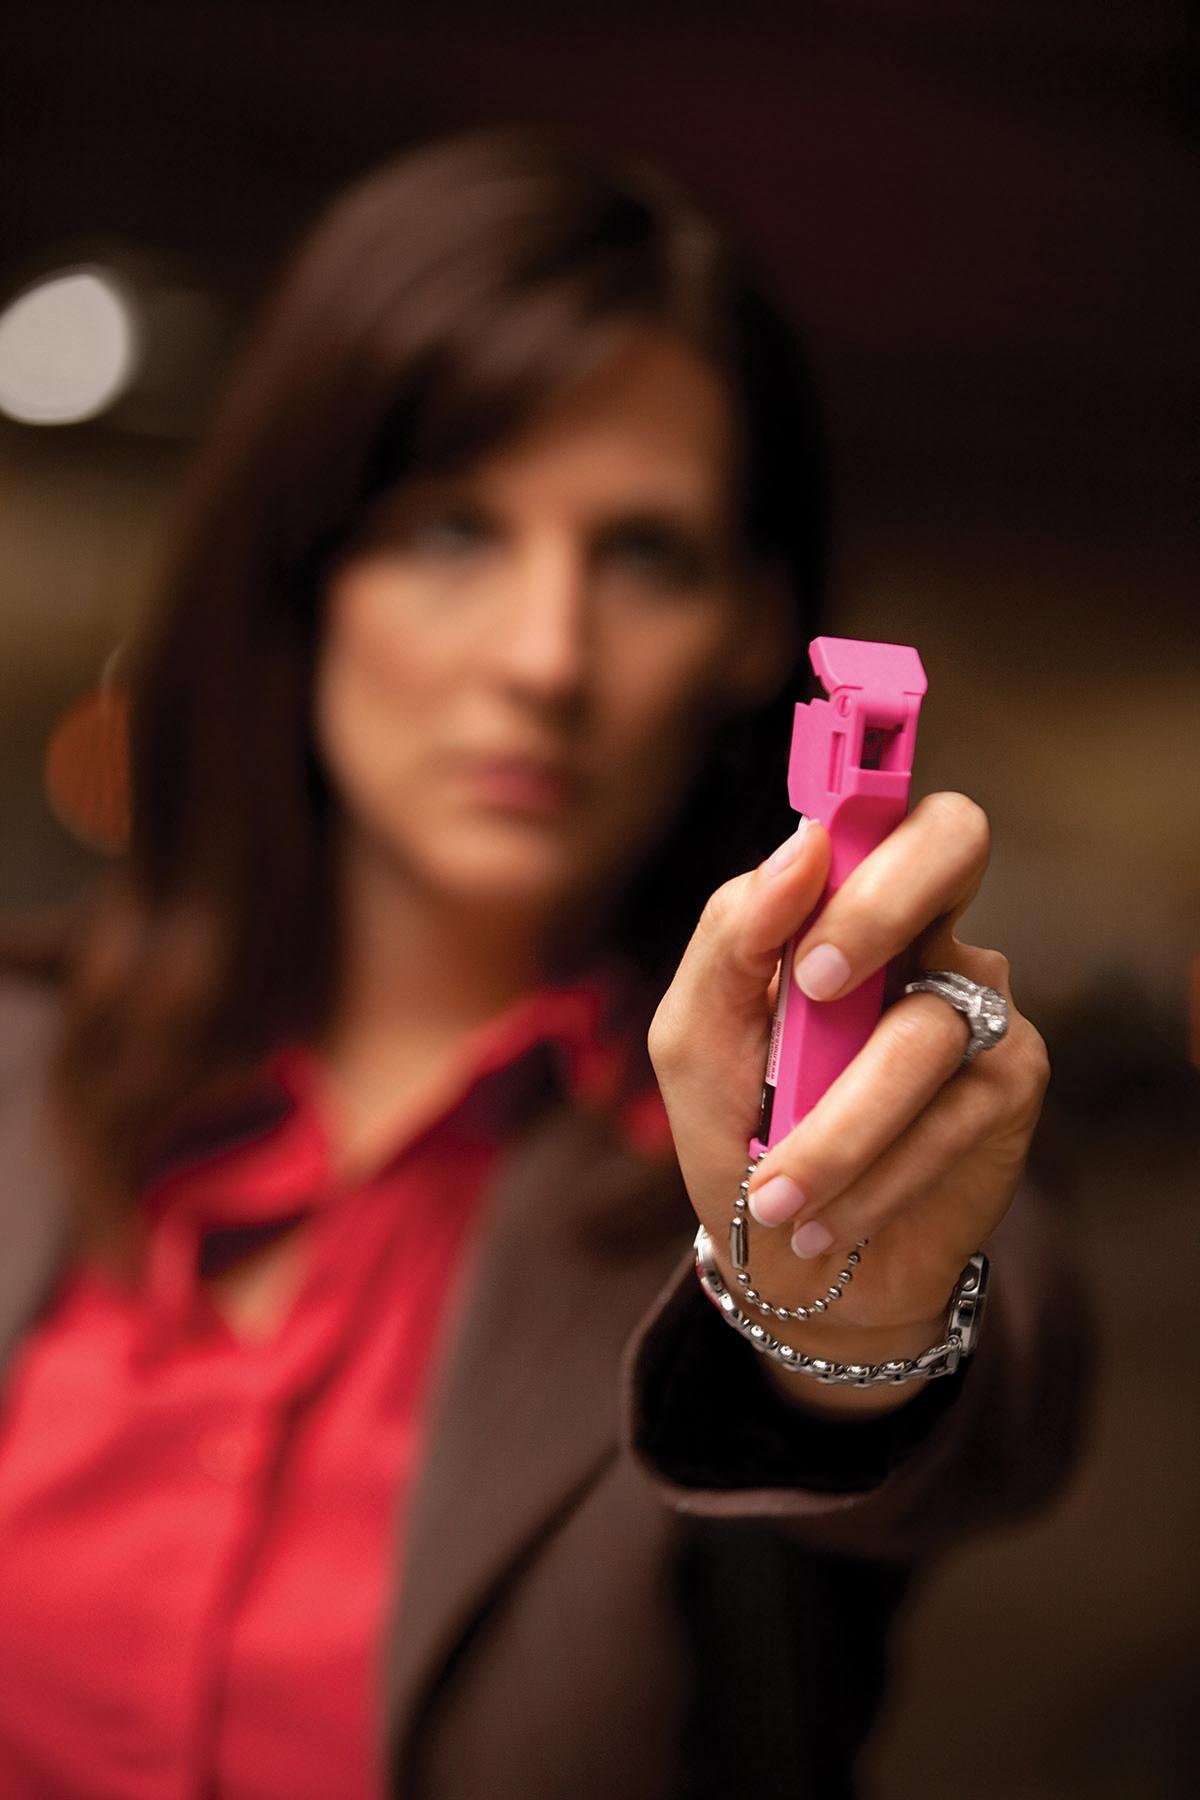 Pepper Spray Workshop - Women's Self-Defense Series | ©2018 Charlie Moore Training - www.charliemooretraining.com